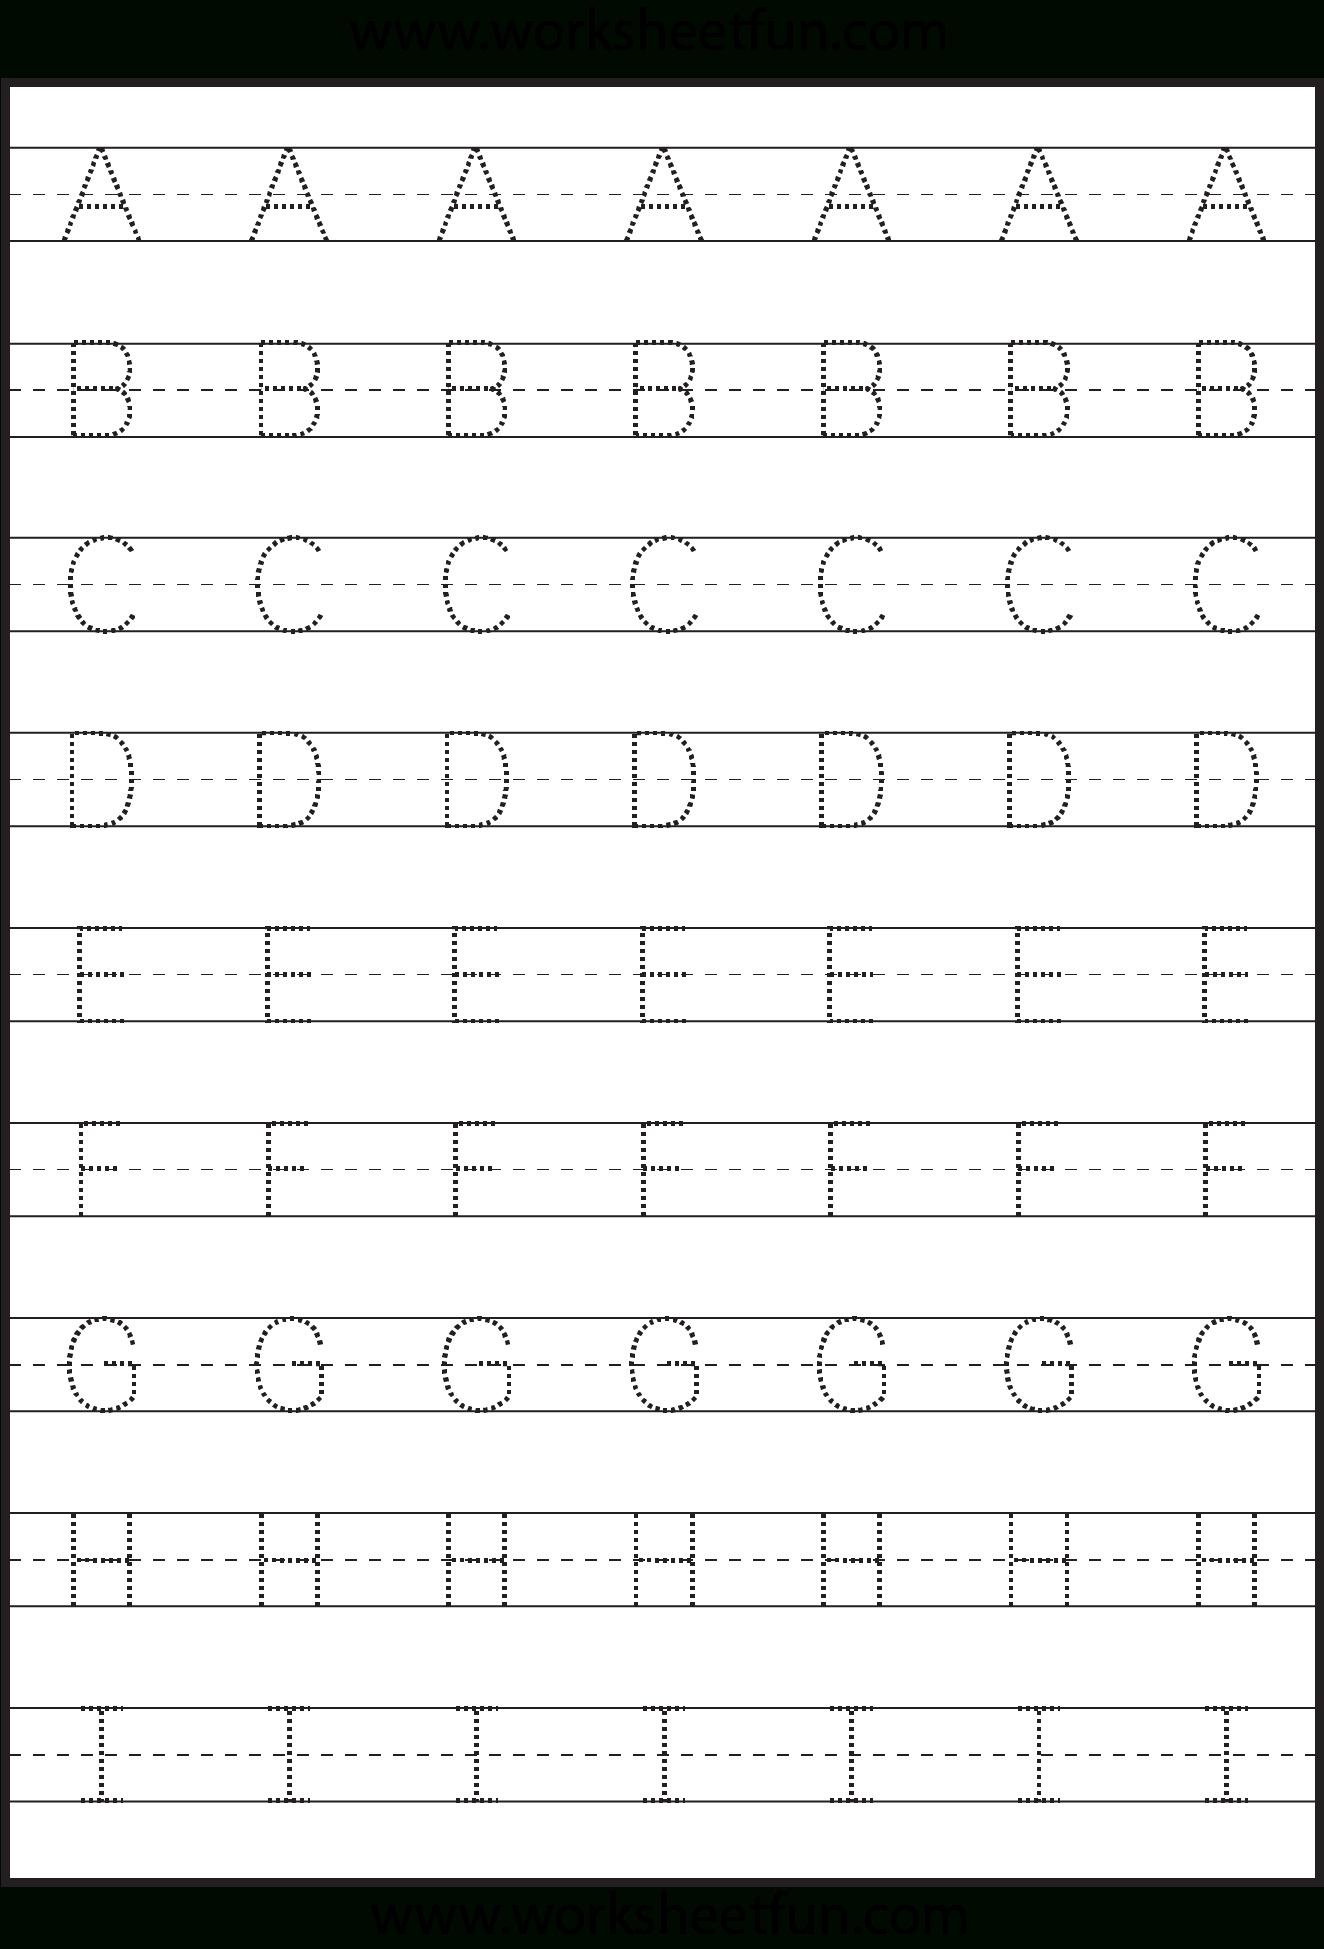 Letter Tracing - 3 Worksheets | Kids Math Worksheets regarding Letter Tracing Writing Worksheet